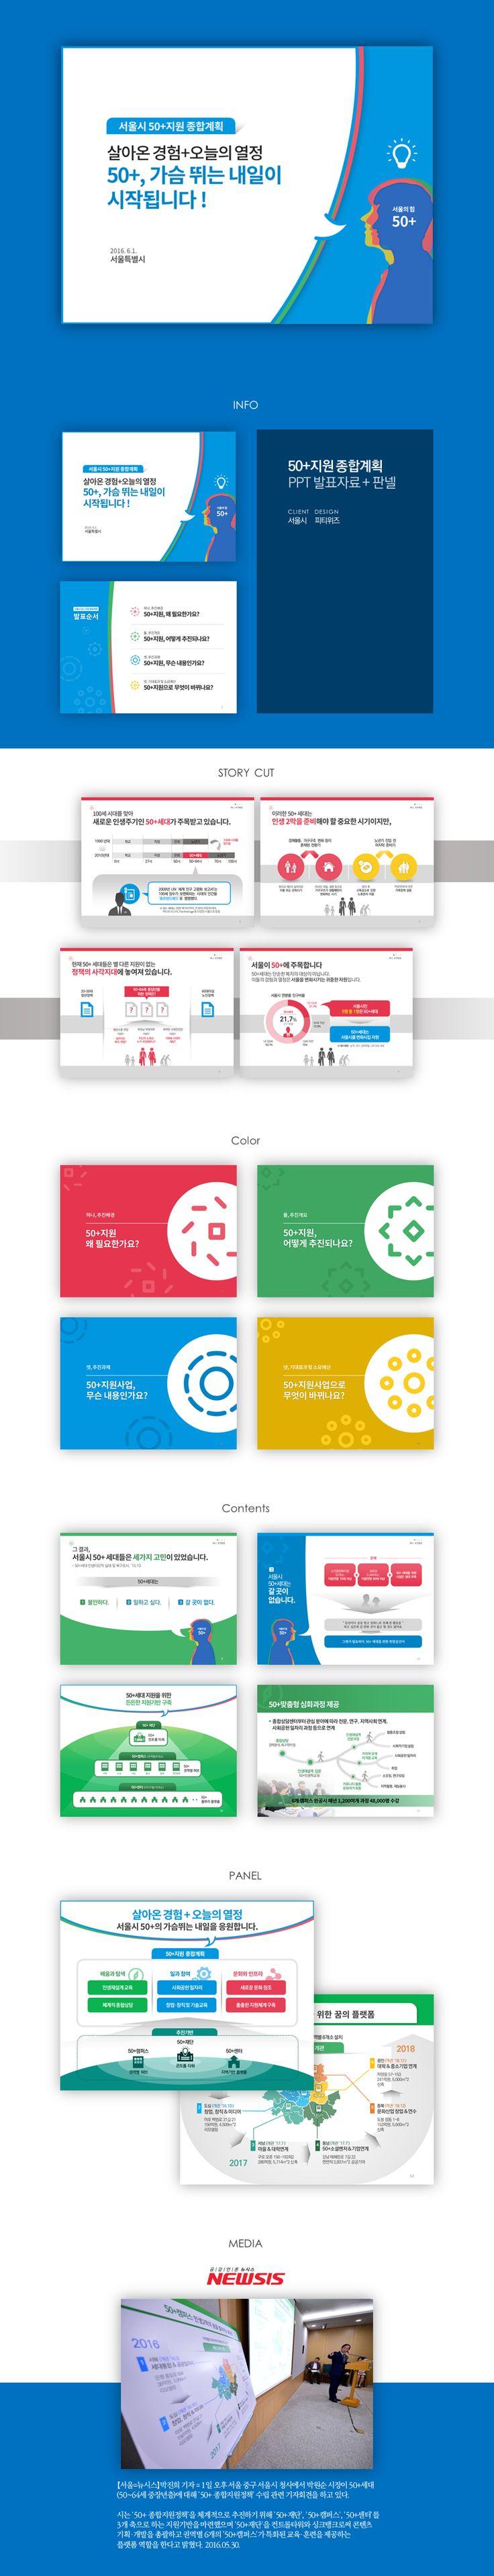 서울시 50+지원 종합계획 Presentation Design by PTWIZ / Client : Seoul City / with PPT